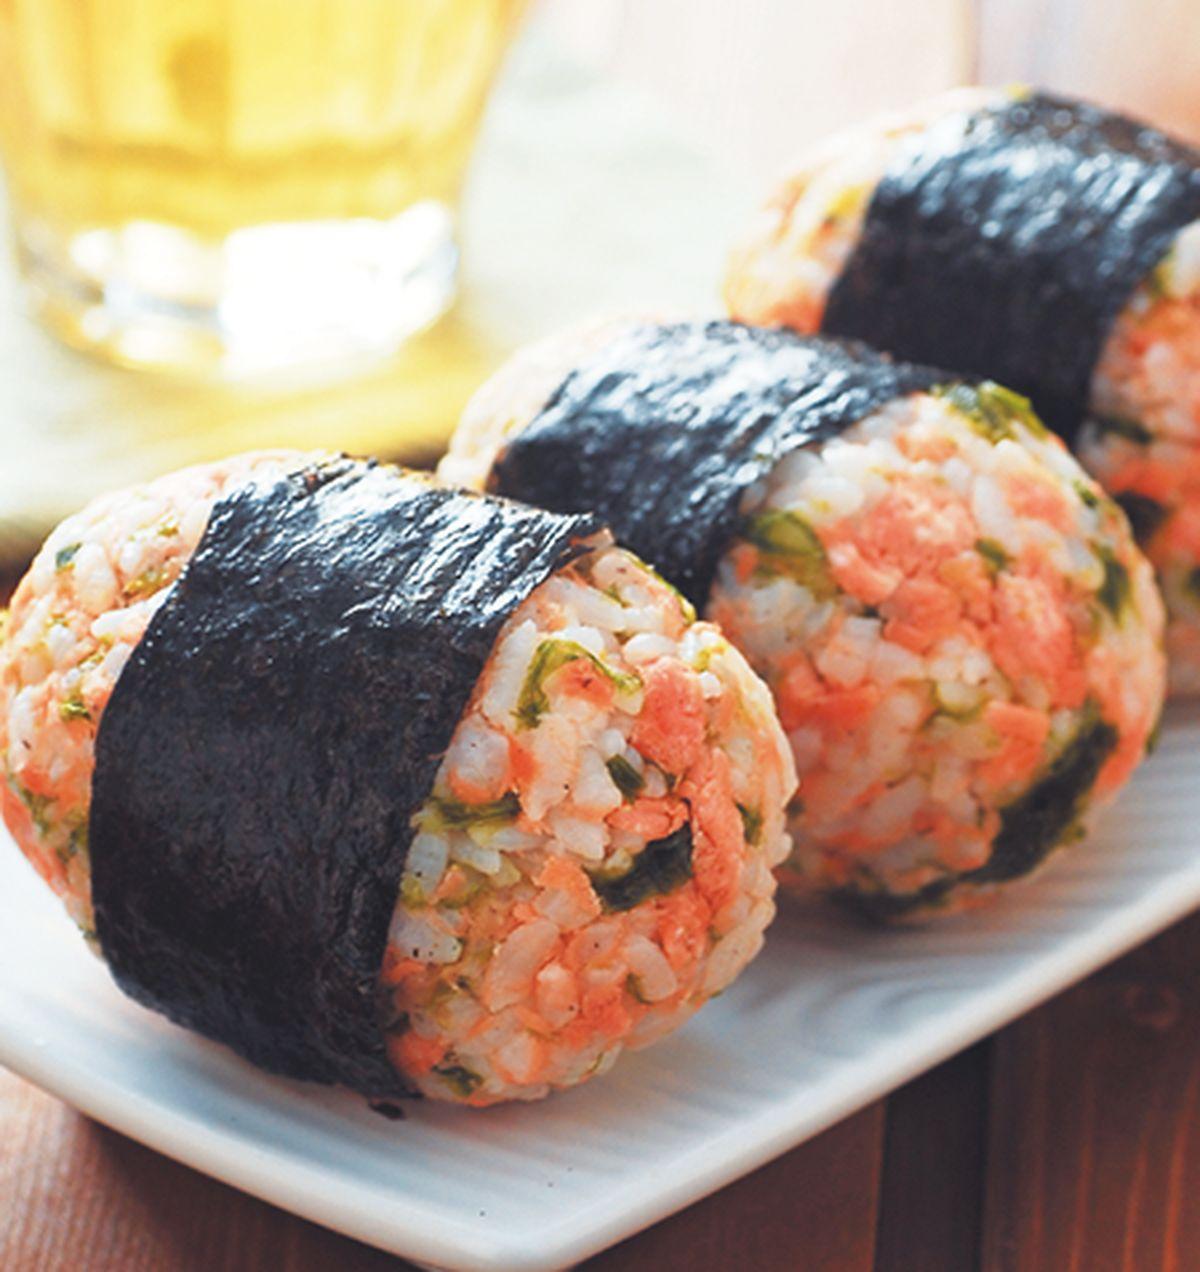 食譜:鮭魚烤飯糰